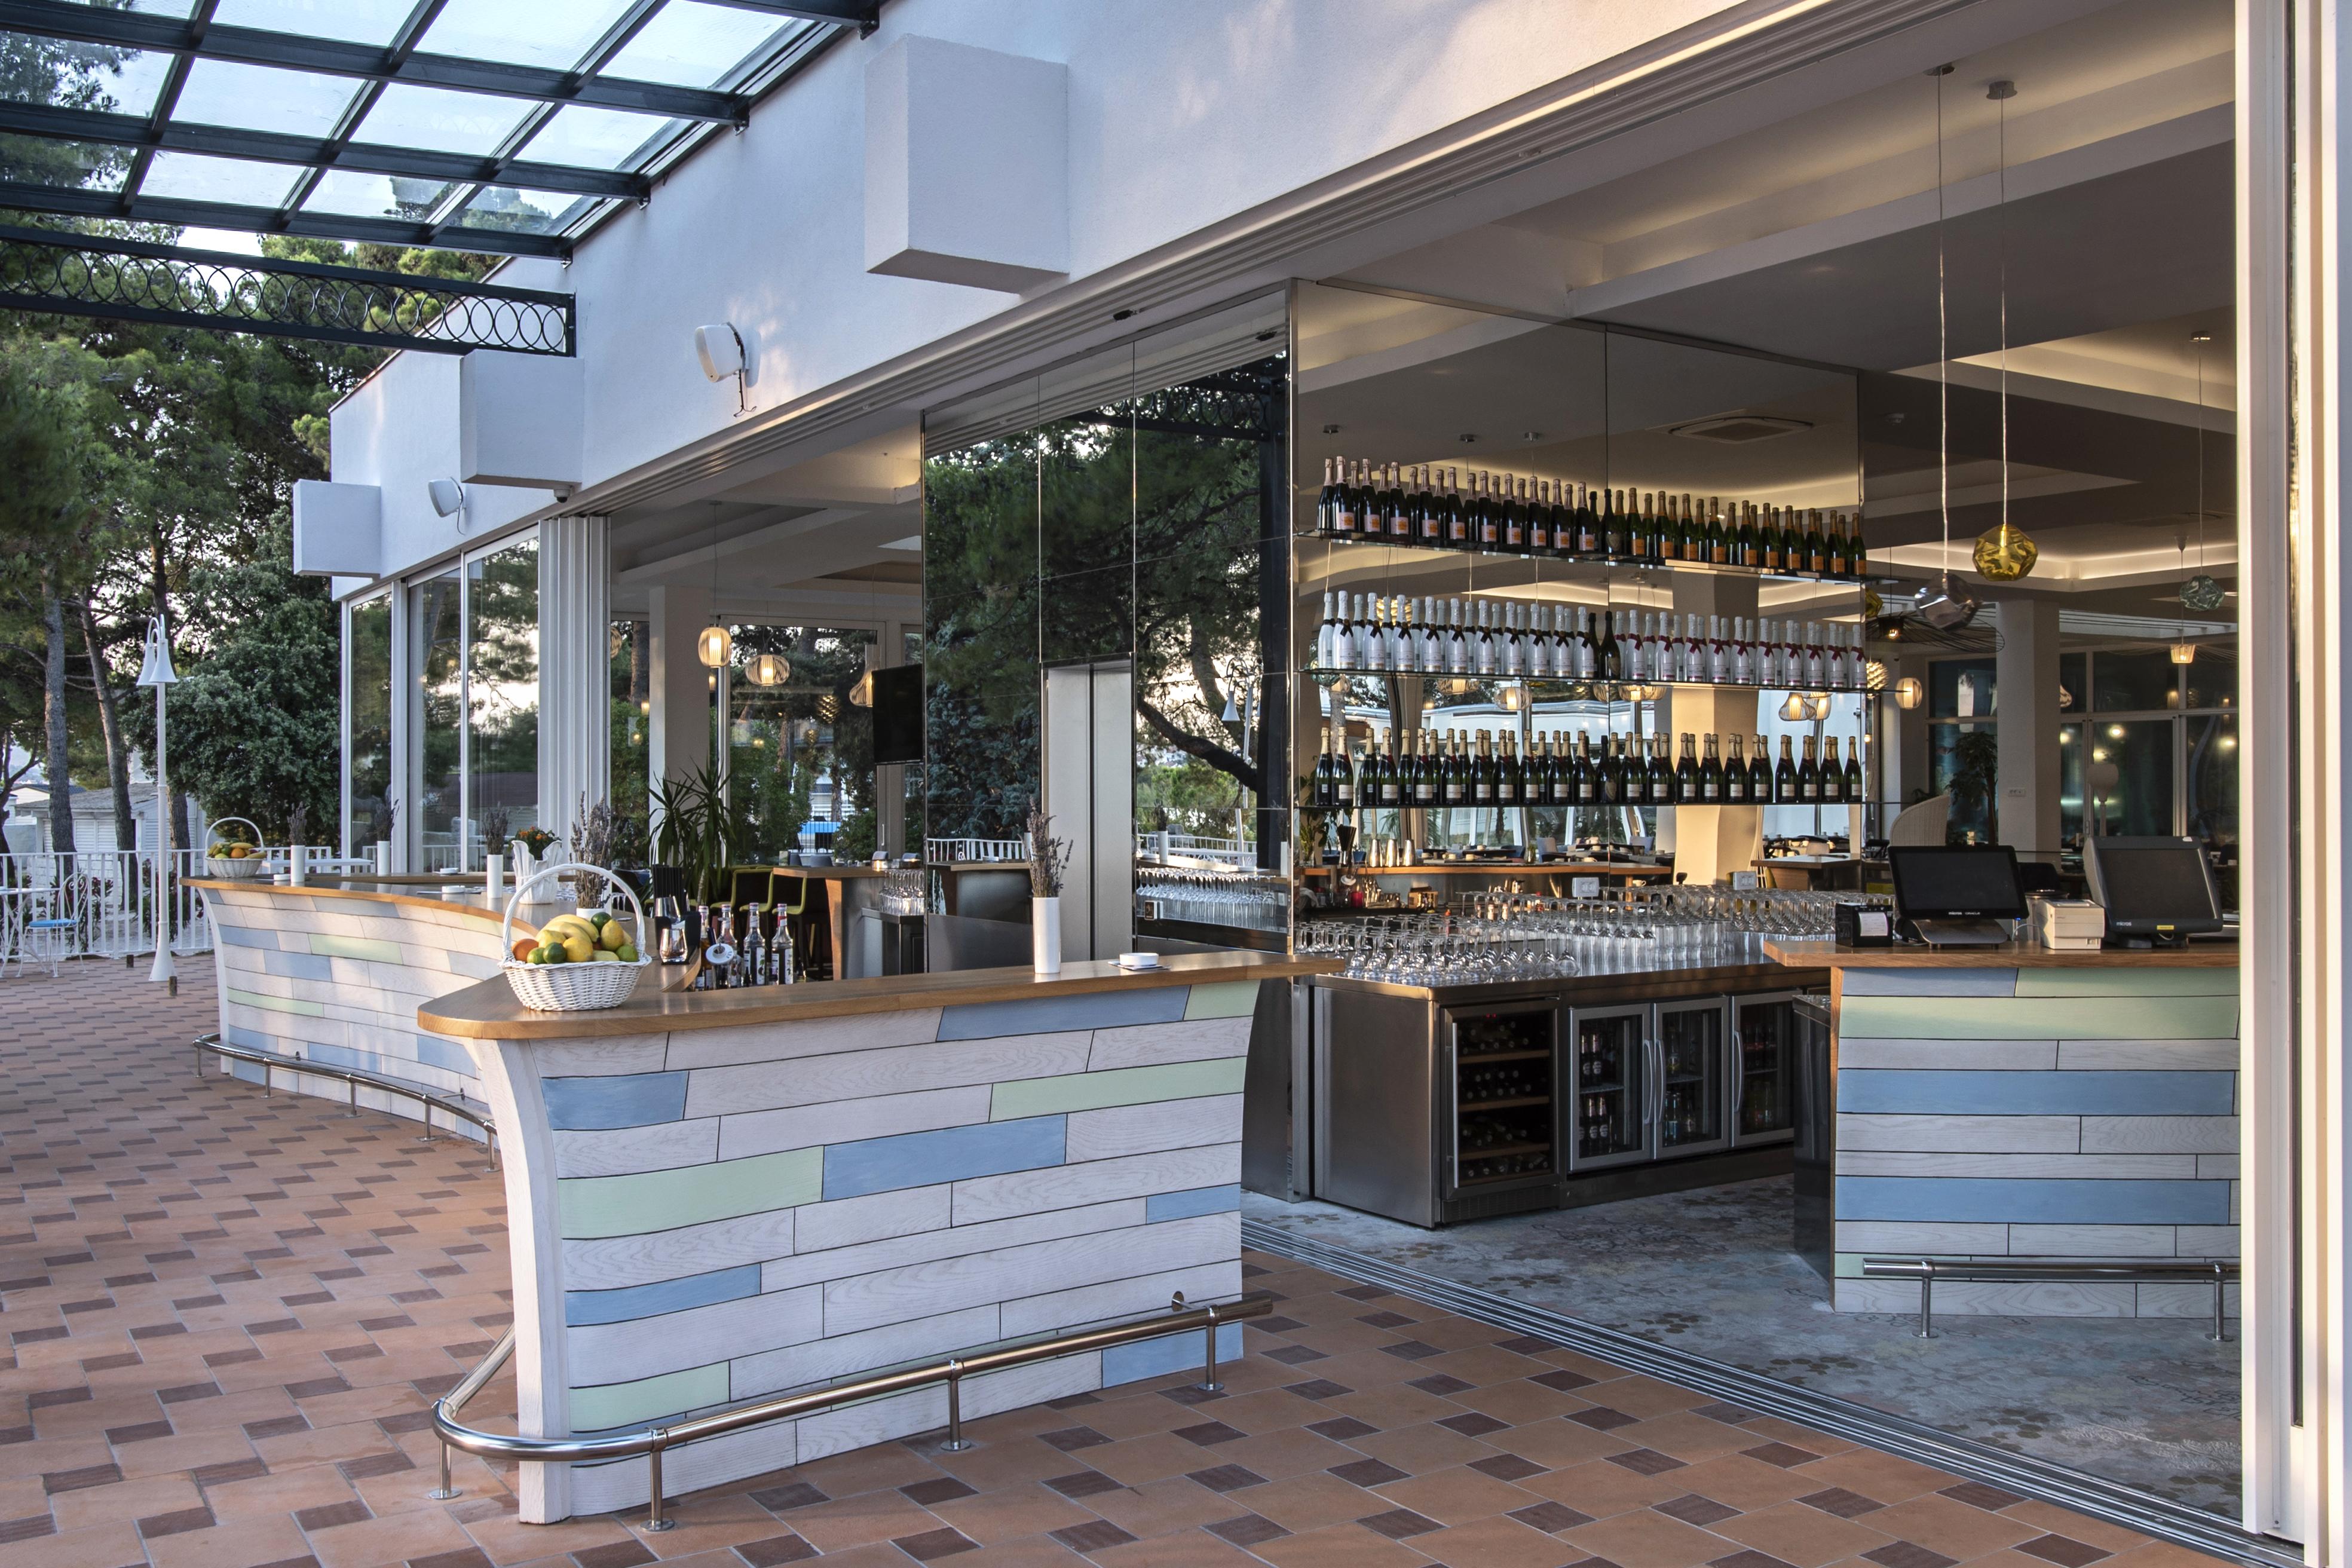 AP-DIR-SIBENIK-TAIB-Jakov-Restaurant-Bar-Terrace-011